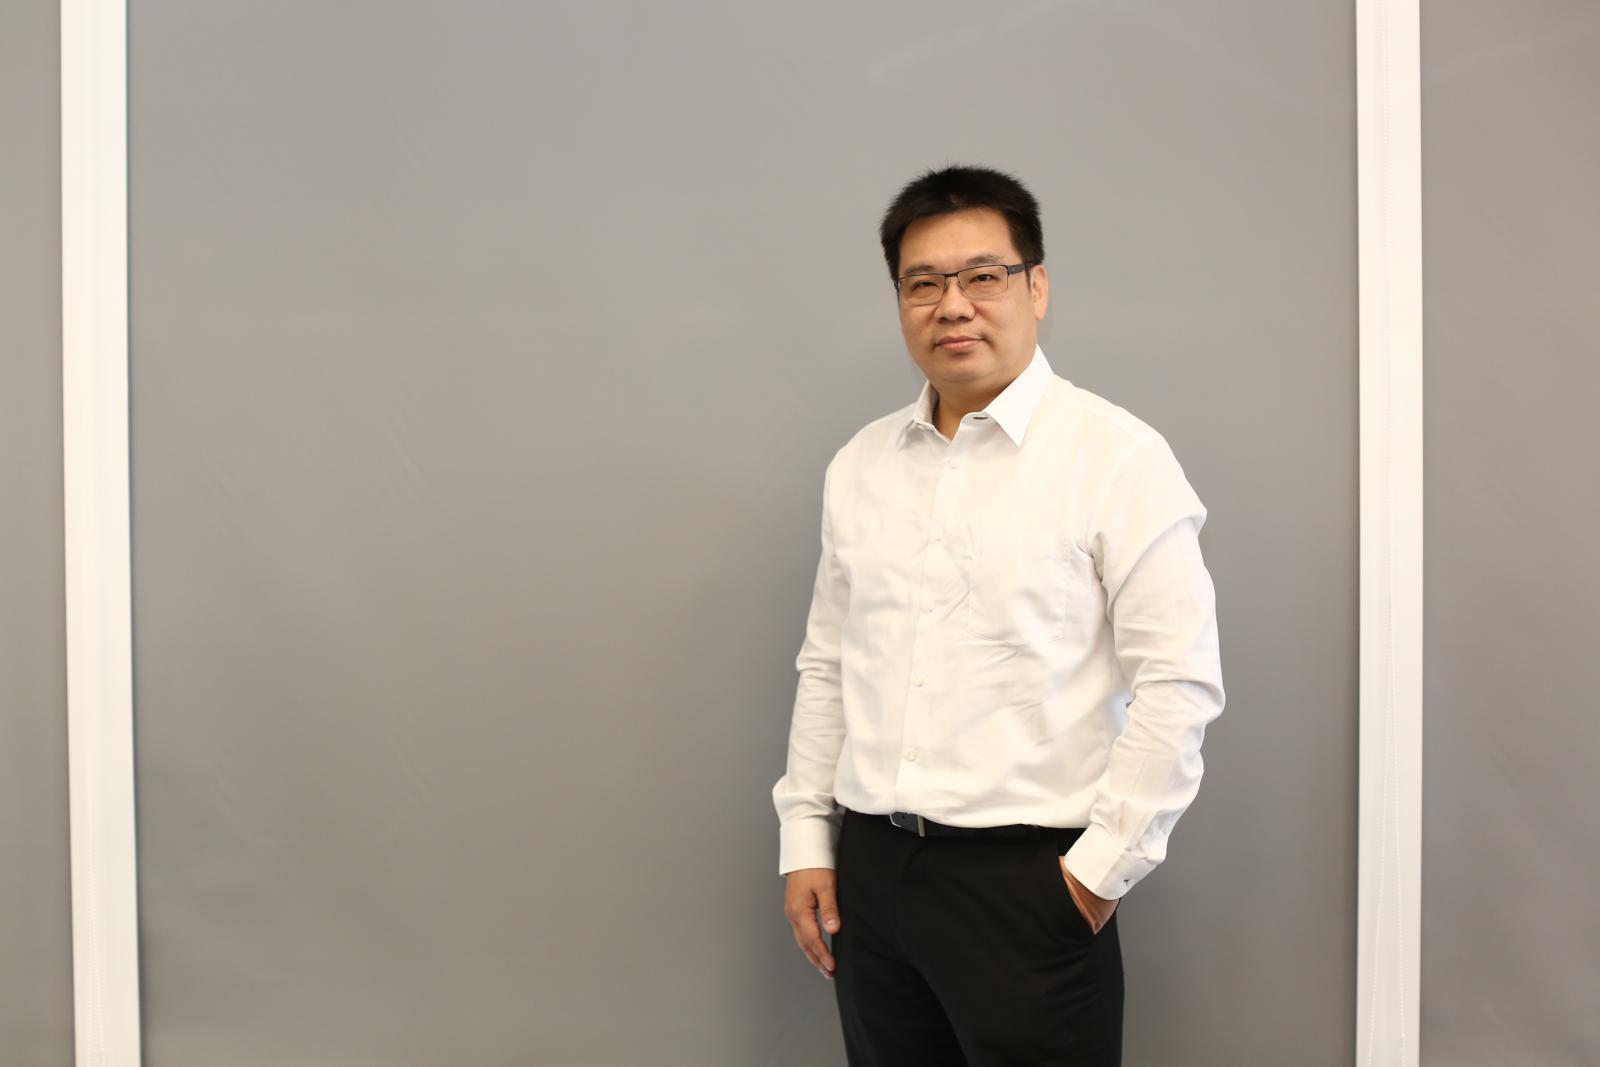 ม.หอการค้า เปิดหลักสูตร DITM สร้างผู้นำนวัตกรรมดิจิทัลและเทคโนโลยี